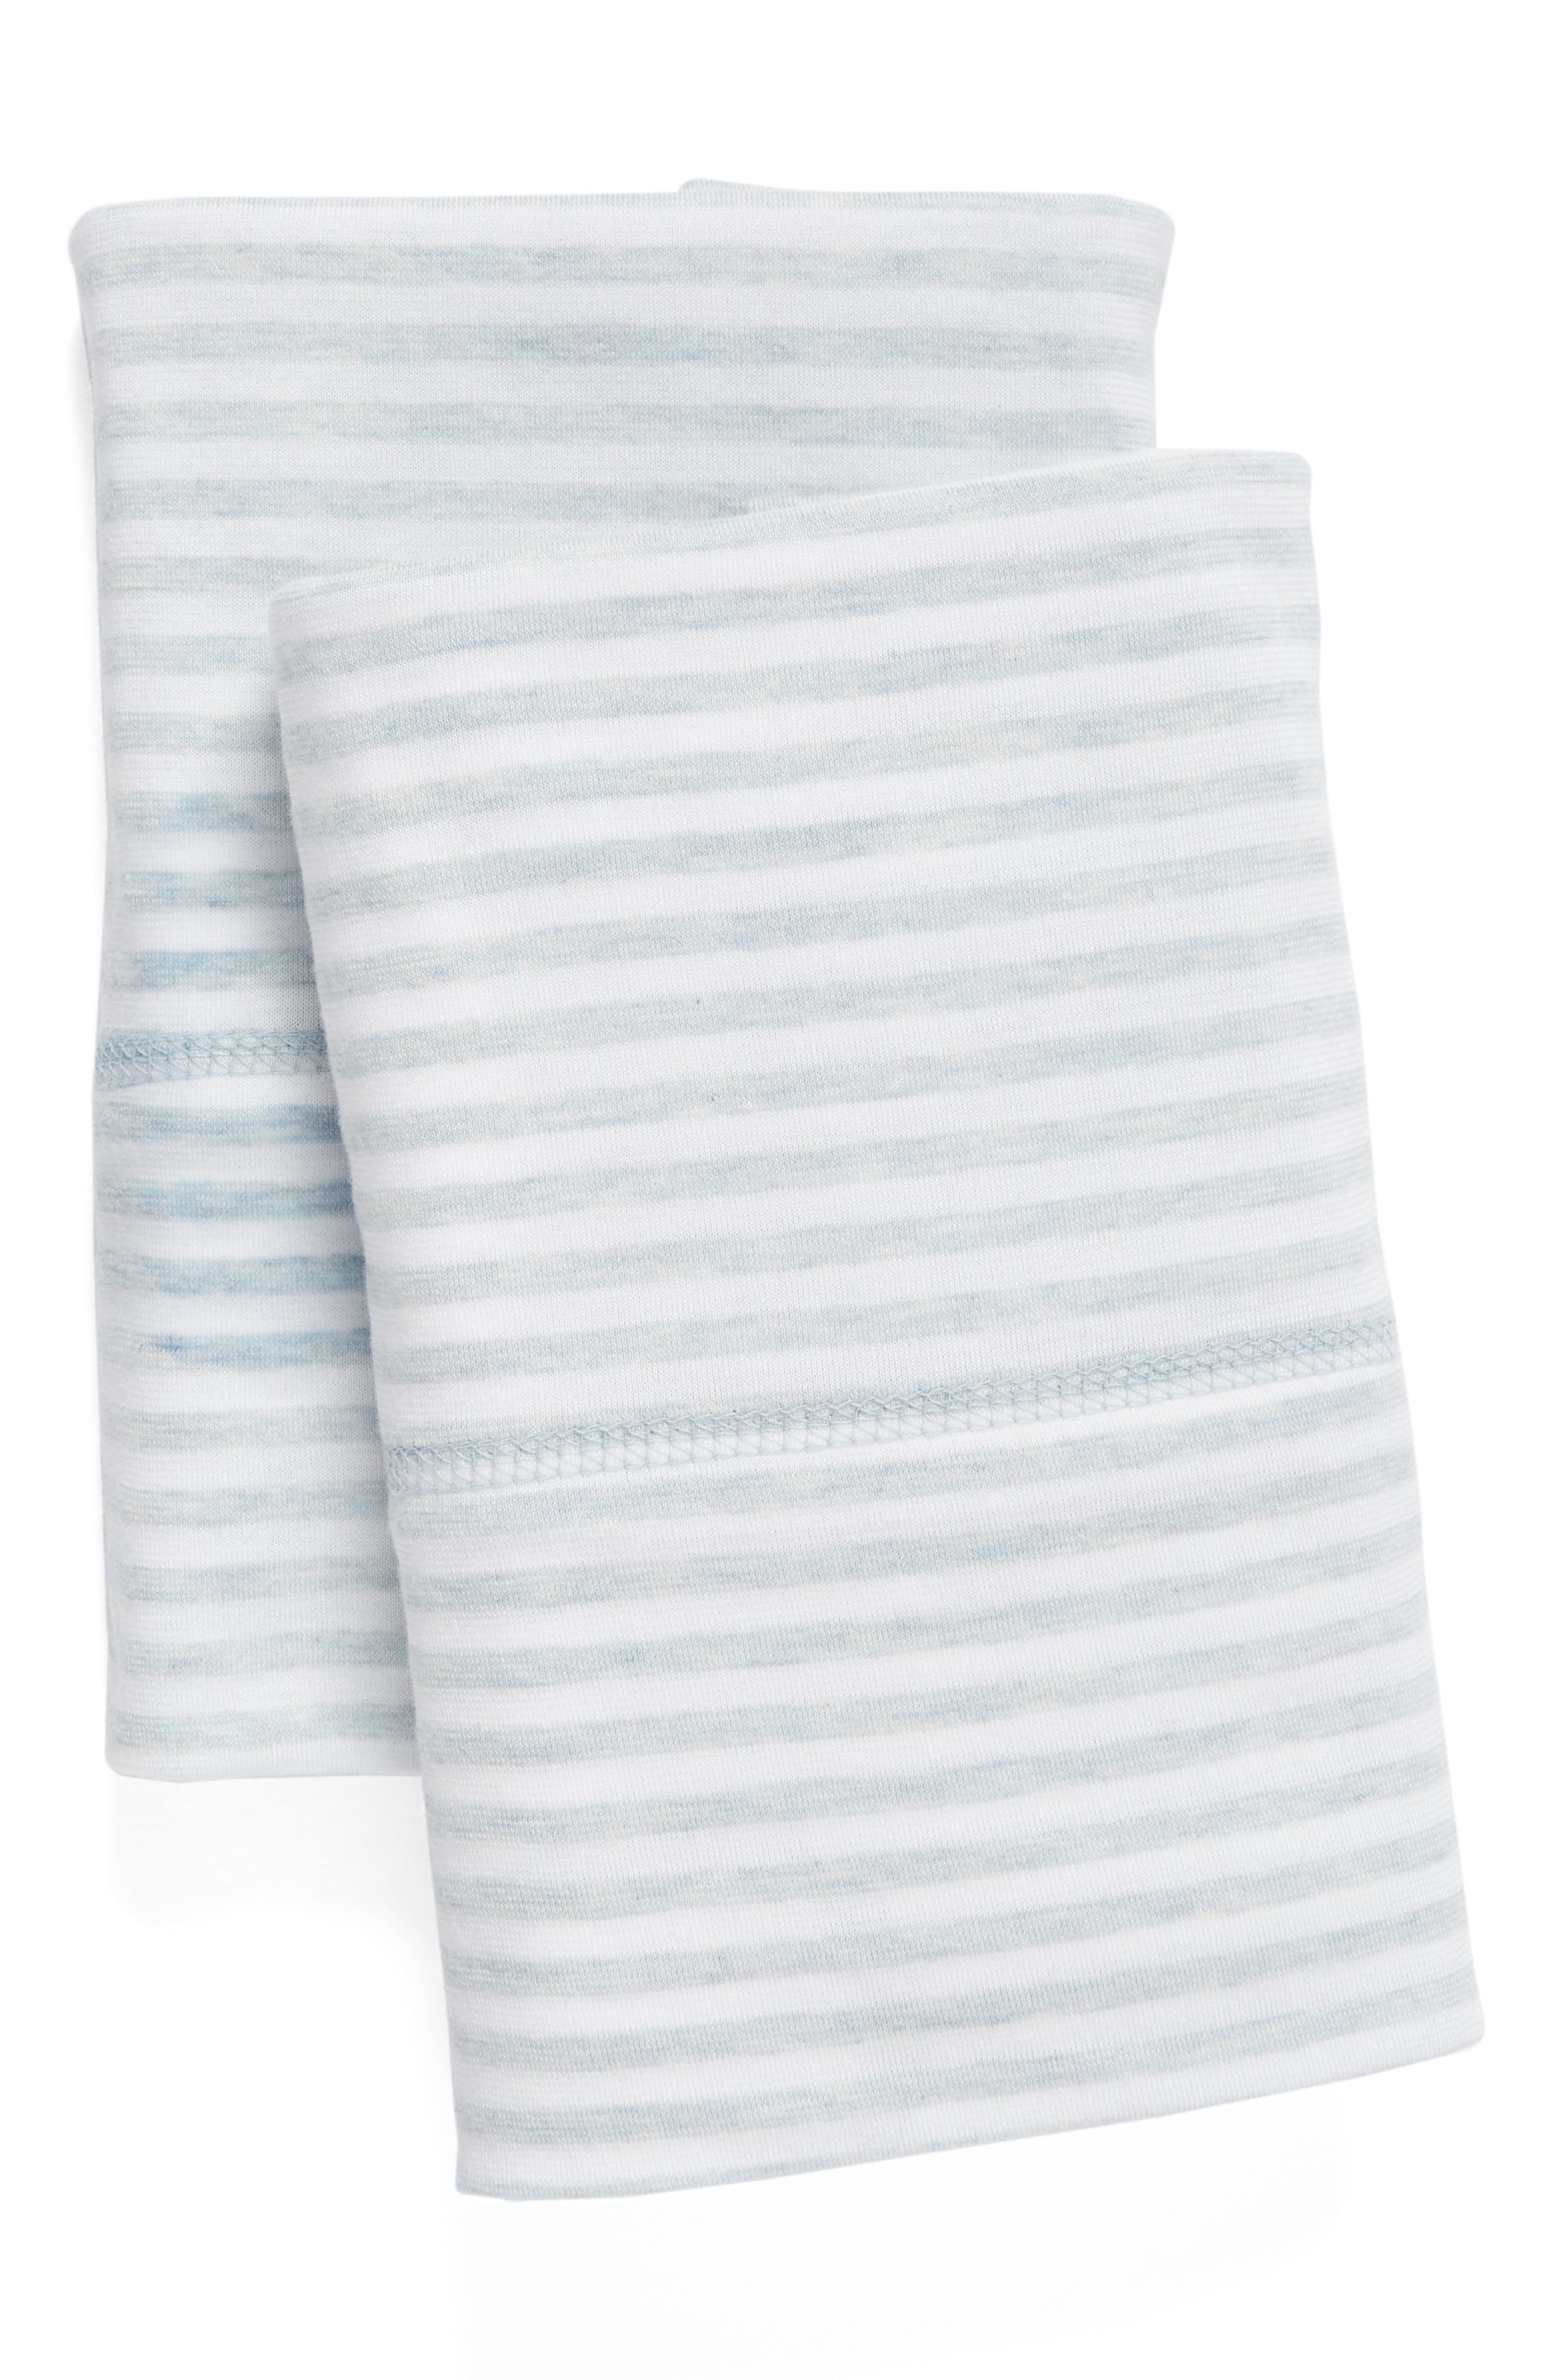 Calvin Klein Pulse Set of 2 Pillowcases